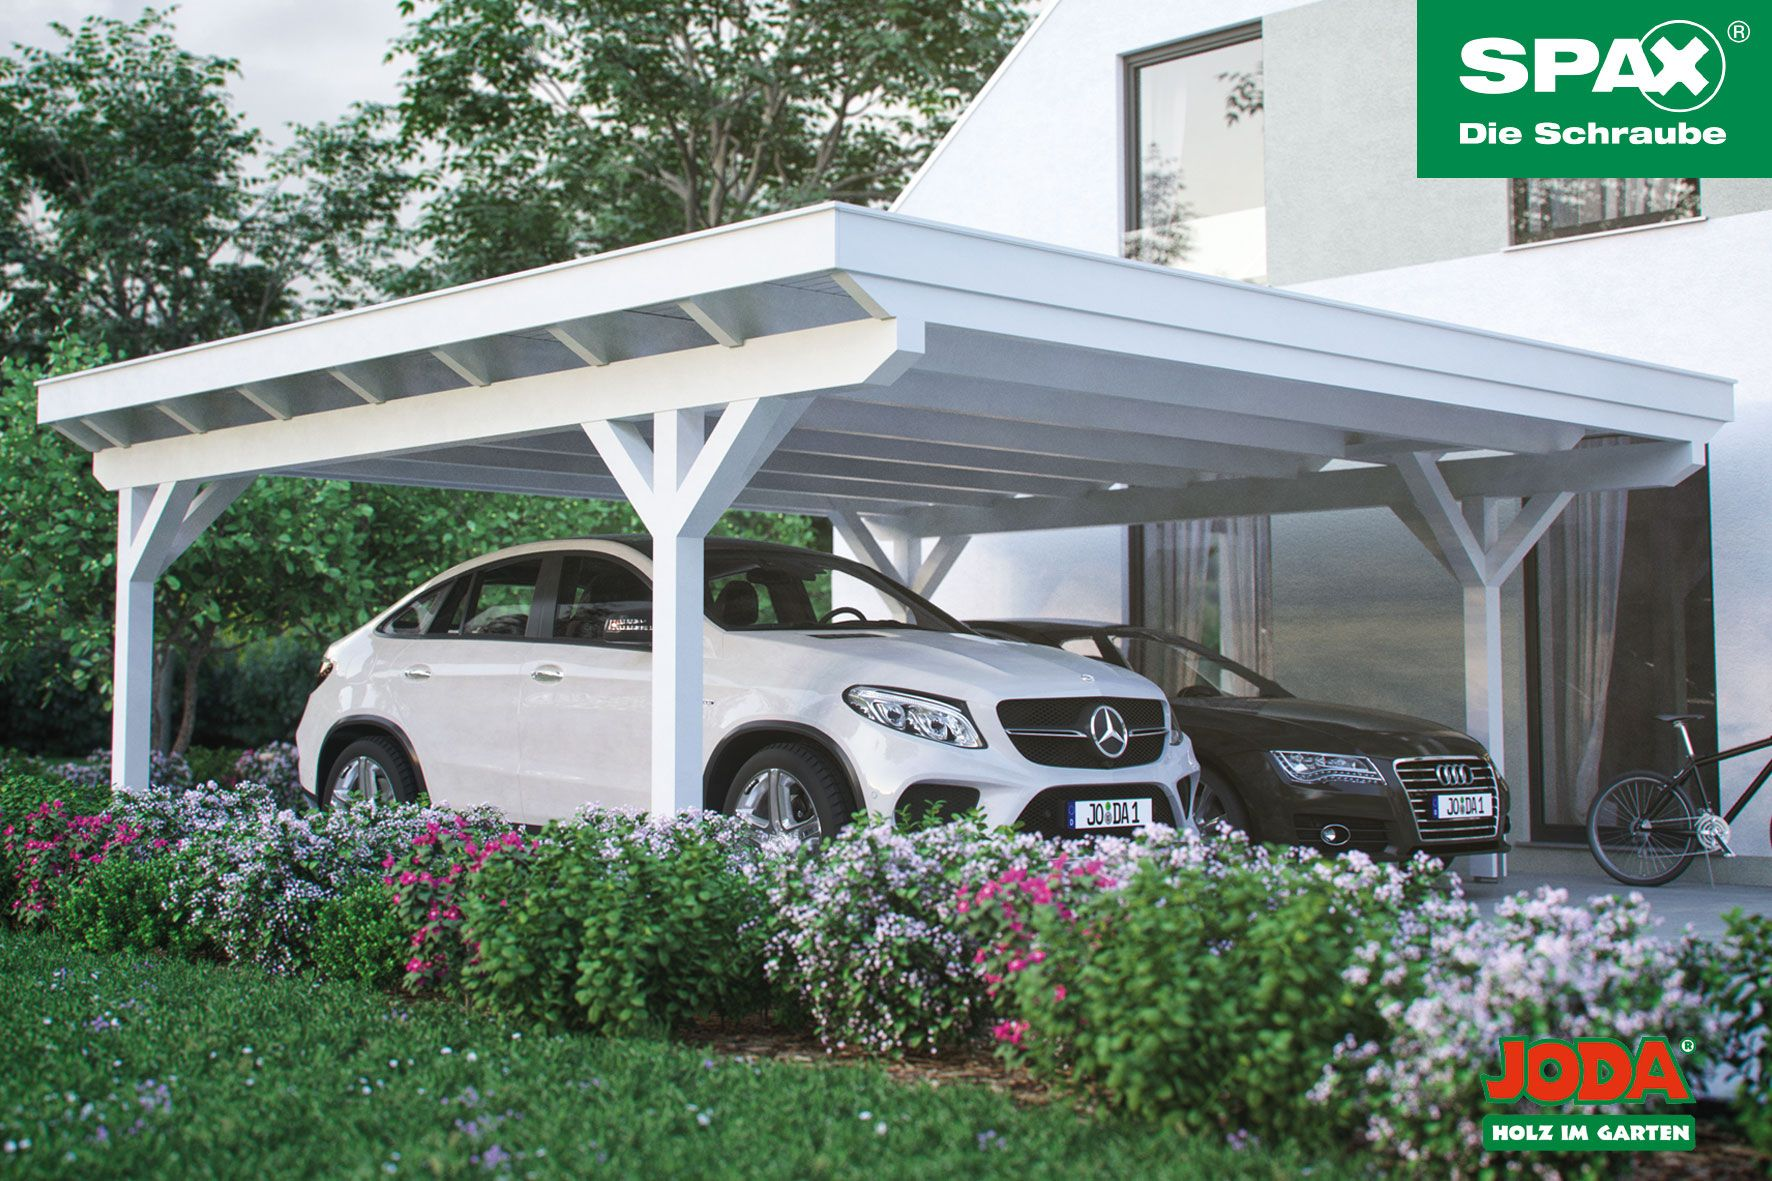 Spax Carport Gerade Die Konzentration Auf Weniger Kann Mehr Ergeben Mehr Freiheit Beim Einparken Mehr Style Furs Auge Und M Doppelcarport Carport Glasdach